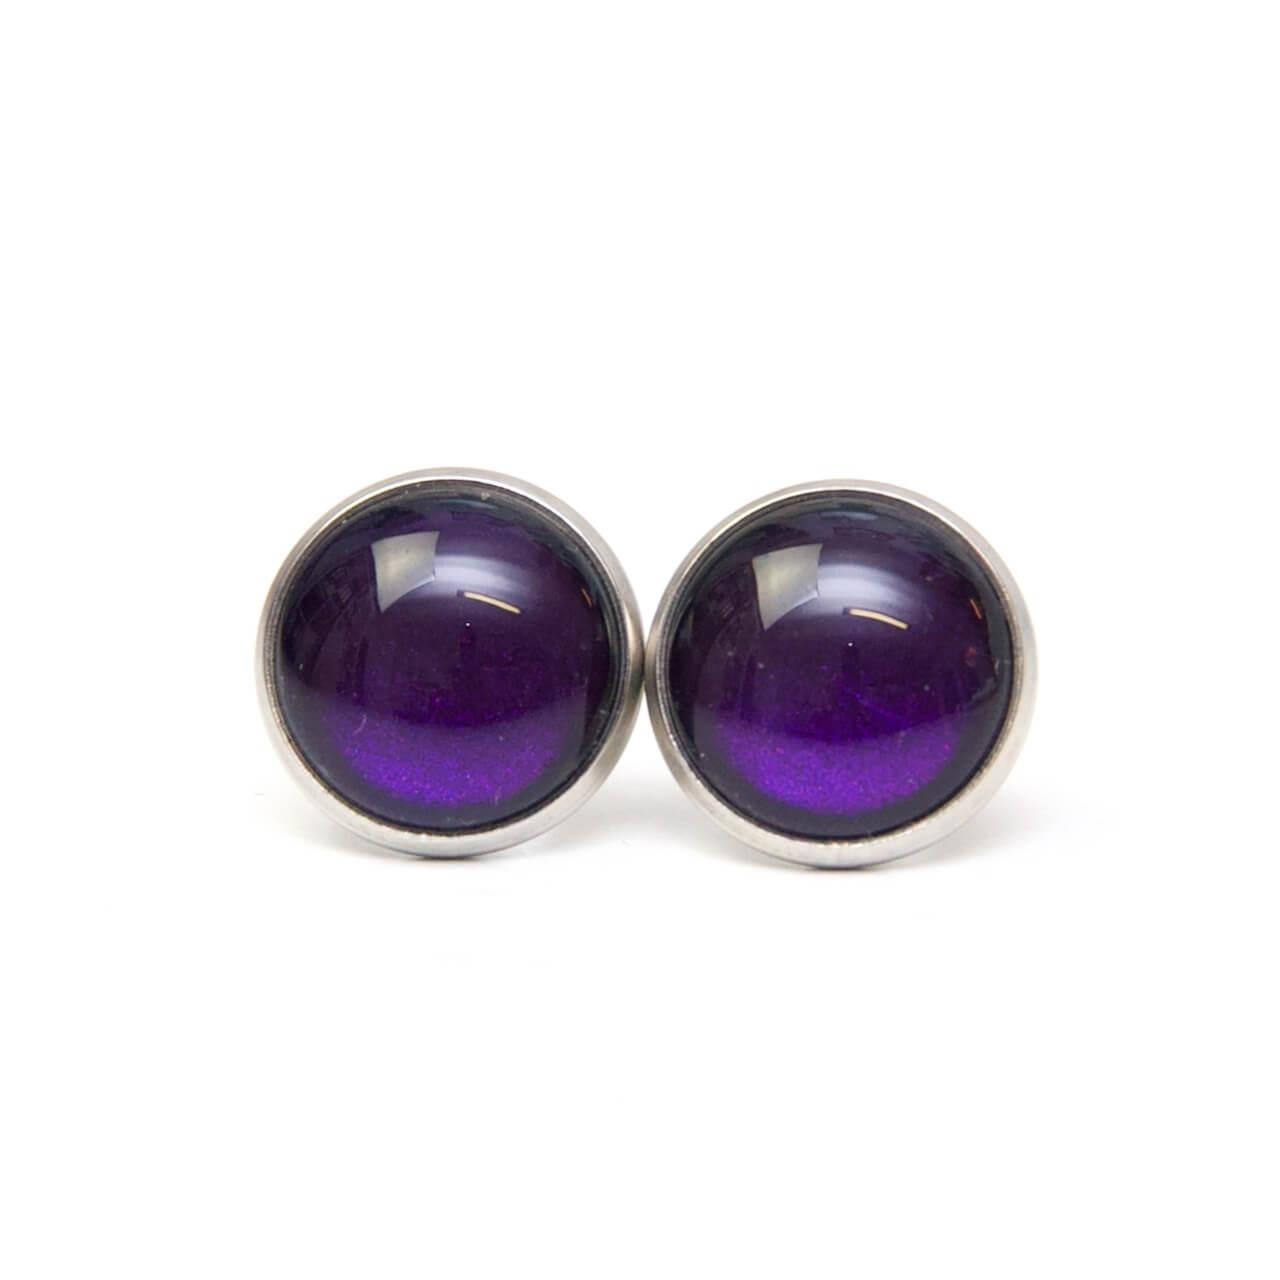 Druckknopf / Ohrstecker / Ohrhänger handbemalt dunkel violett schimmernd